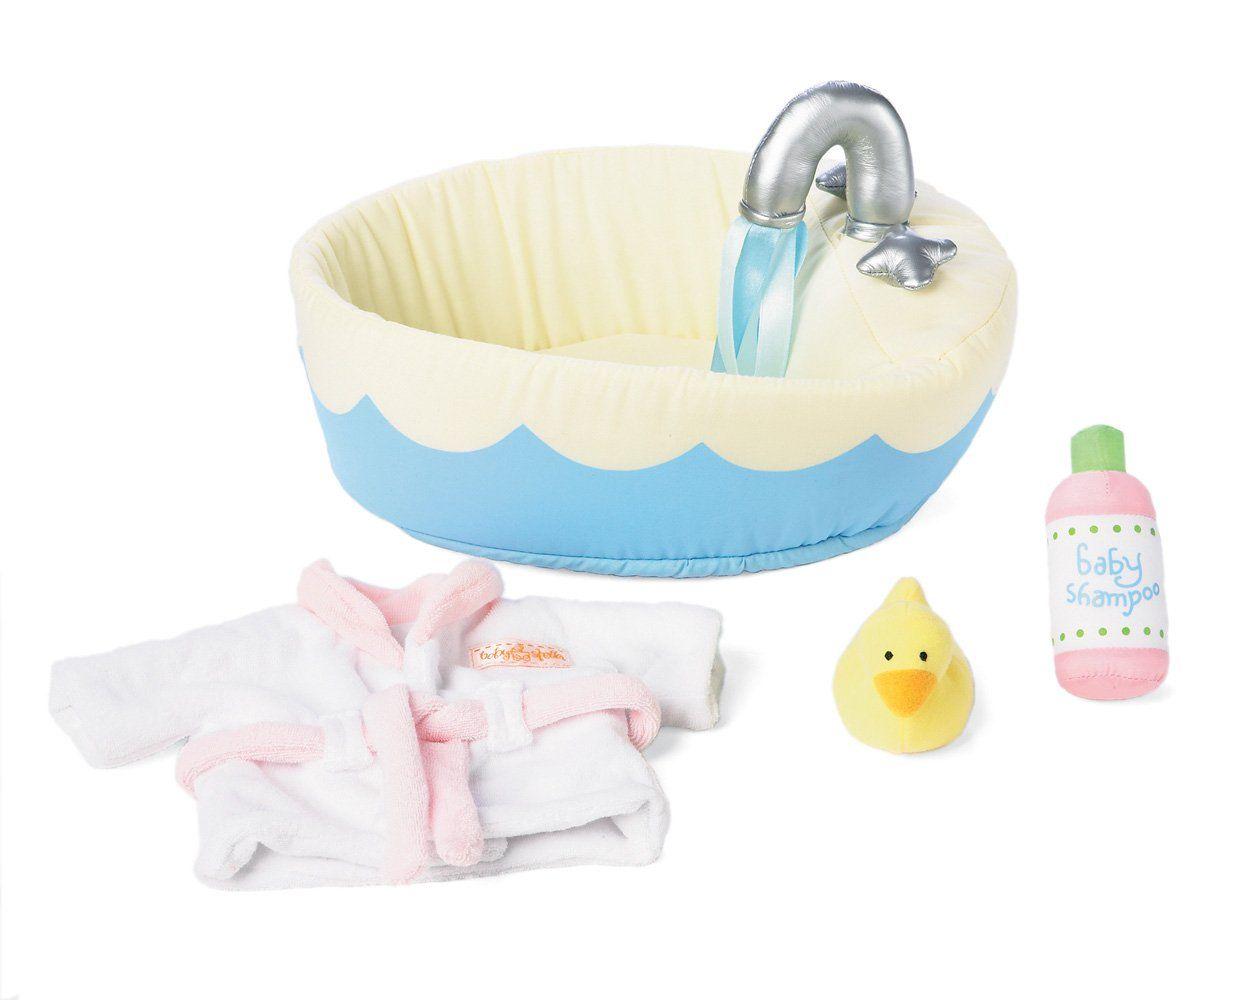 Manhattan Toys Set De Bano Para Baby Stella Amazon Es Juguetes